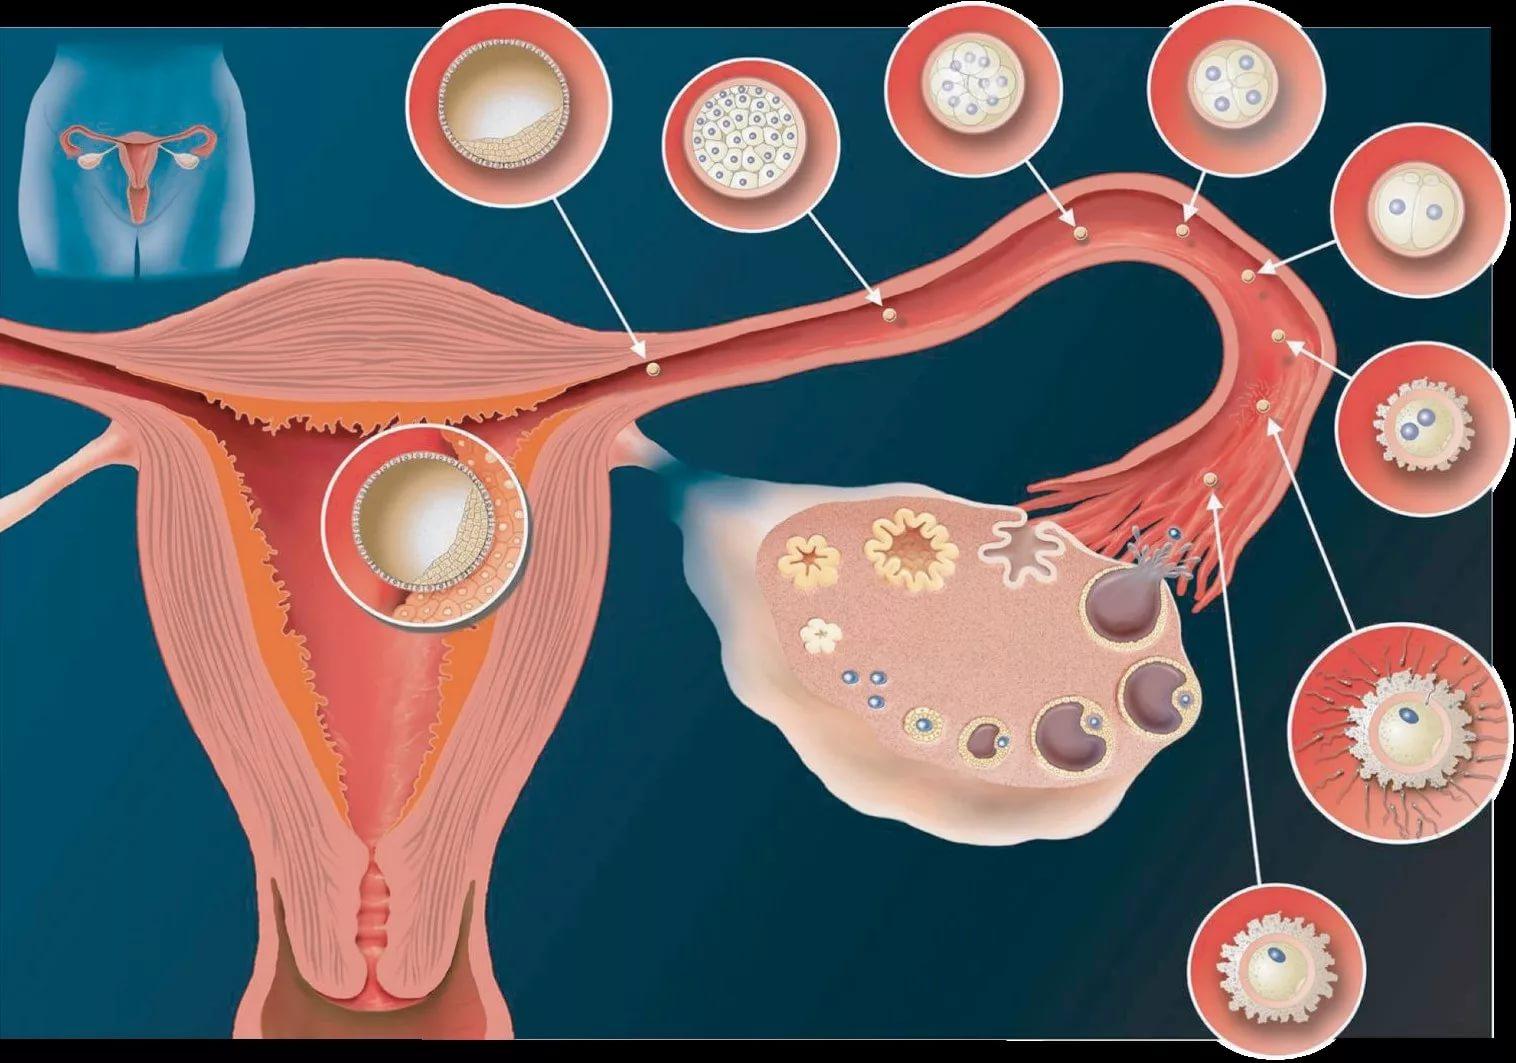 Полезные советы для здоровья женщины. все об овуляции